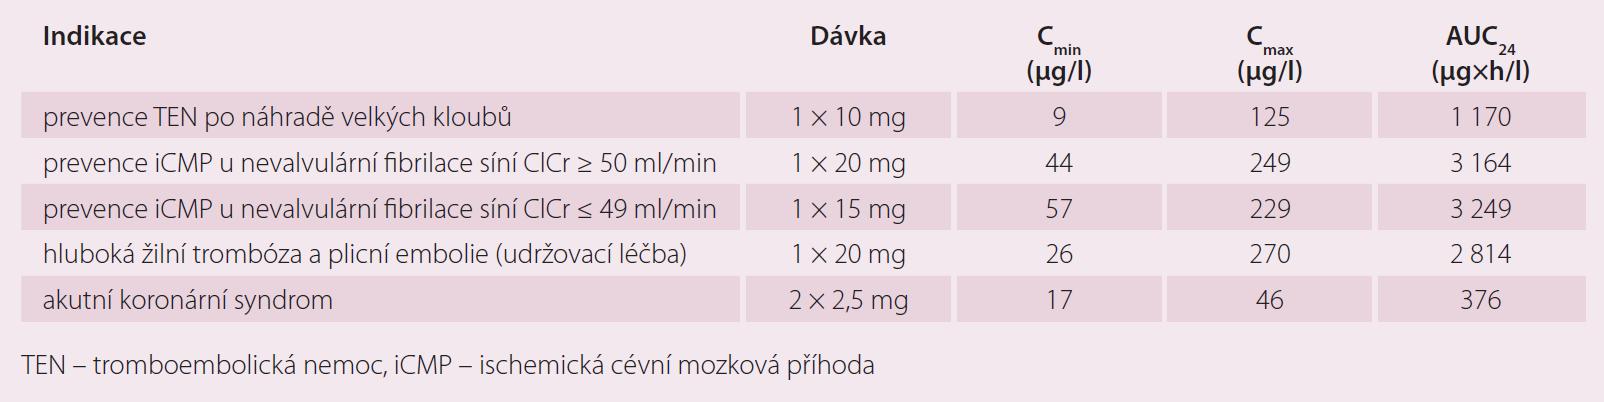 Průměrné minimální (C<sub>min</sub>) a maximální (C<sub>max</sub>) plazmatické koncentrace a plochy pod křivkou plazmatických koncentrací za 0–24 hod po podání (AUC<sub>24</sub>) rivaroxabanu u pacientů s různými indikacemi (údaje ze studií III. fáze klinického hodnocení).